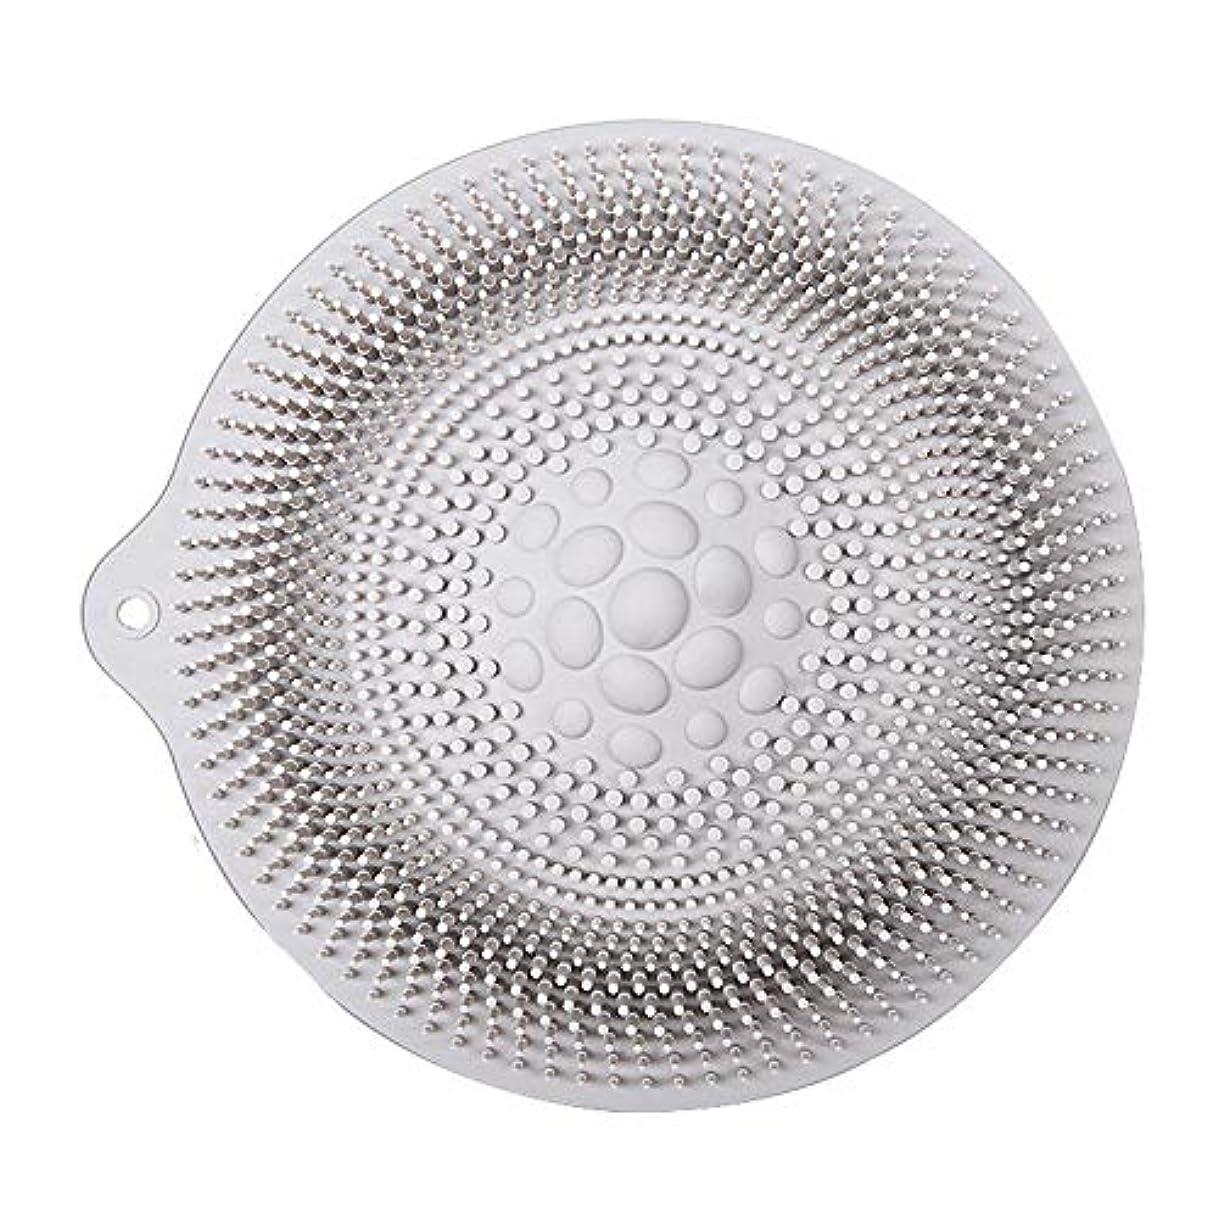 偏差気絶させる解釈的足洗いマット 安全 非毒性 無臭 多機能 グレート 使いやすい フットケア ボディブラシ マッサージシート お風呂用 32cm